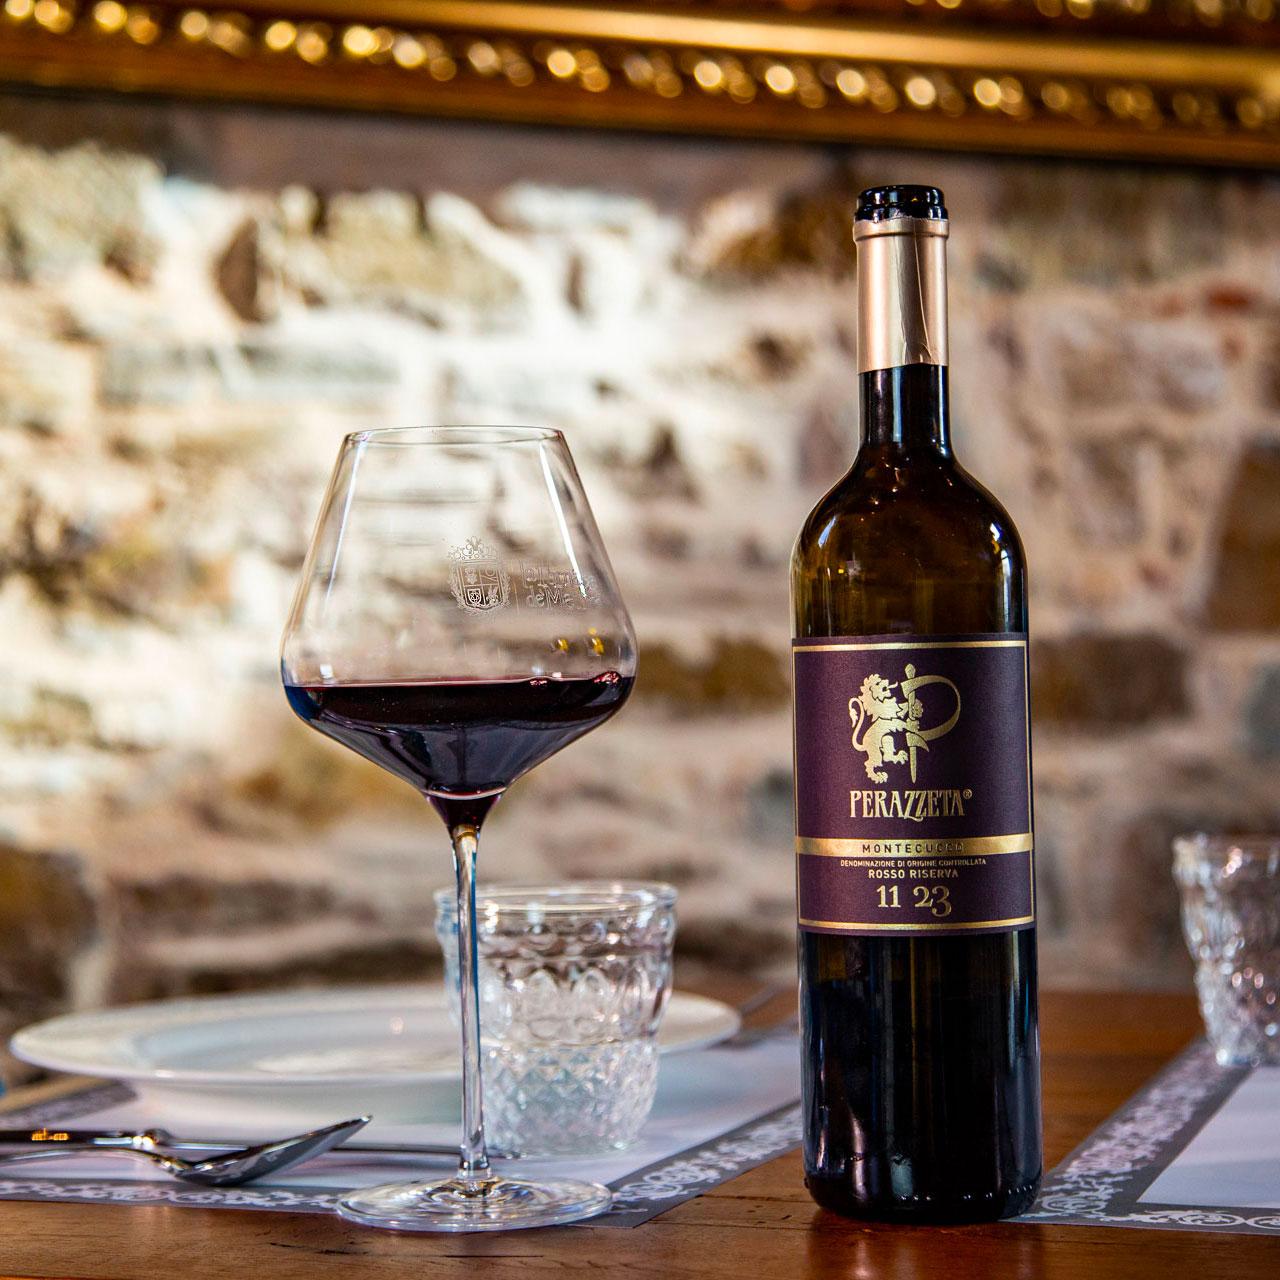 Una bottiglia di vino rosso sul tavolo de La Fornace de' Medici alle porte del Mugello perazzeta. Vino rosso, atmosfera gioiosa e piena di relax. Siamo qua per donare gioia e serenità.